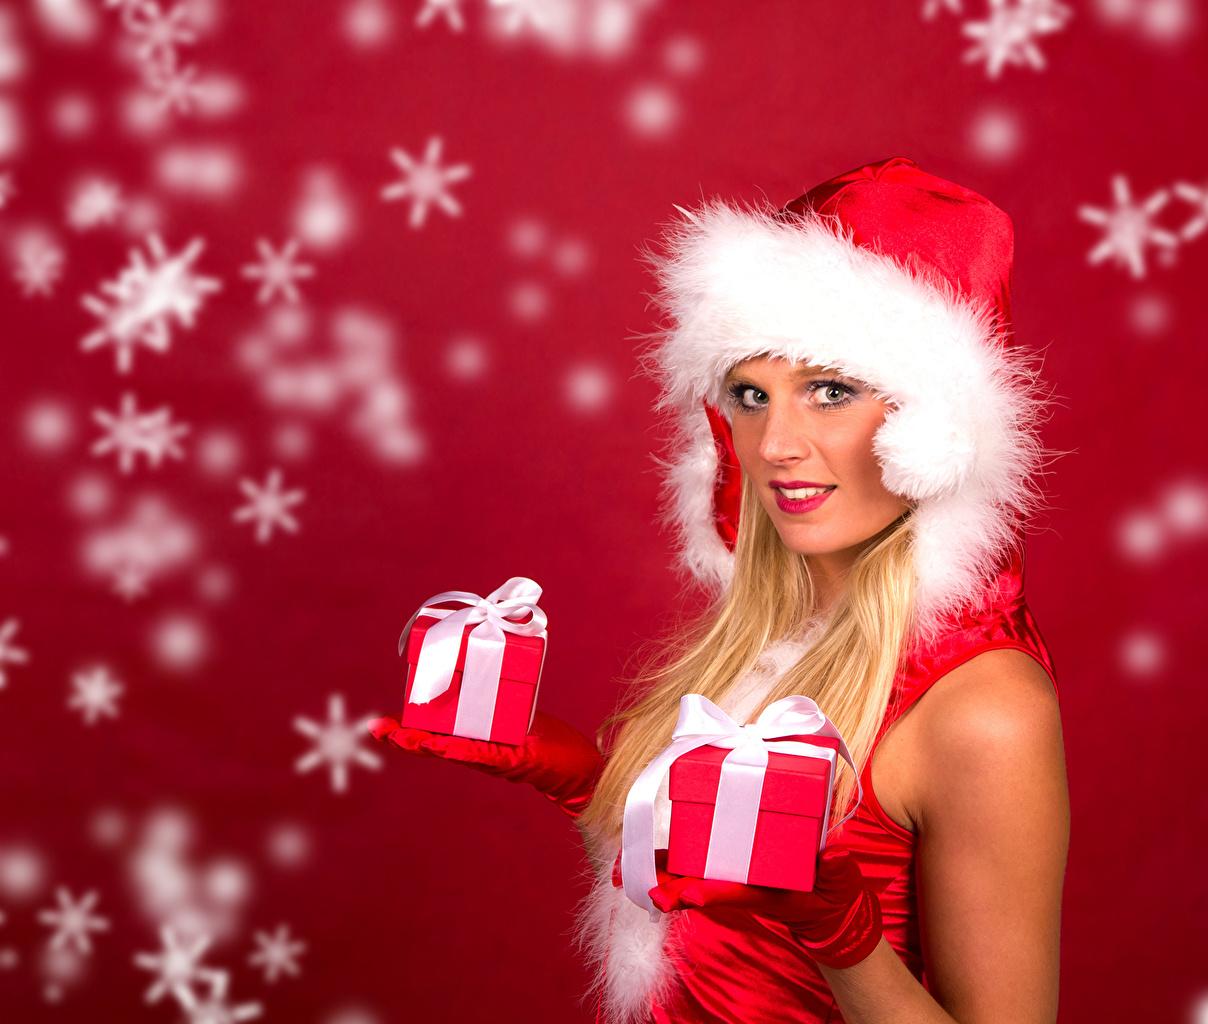 Bilder Neujahr Blond Mädchen Mütze junge Frauen Schneeflocken Geschenke Roter Hintergrund Blondine Mädchens junge frau